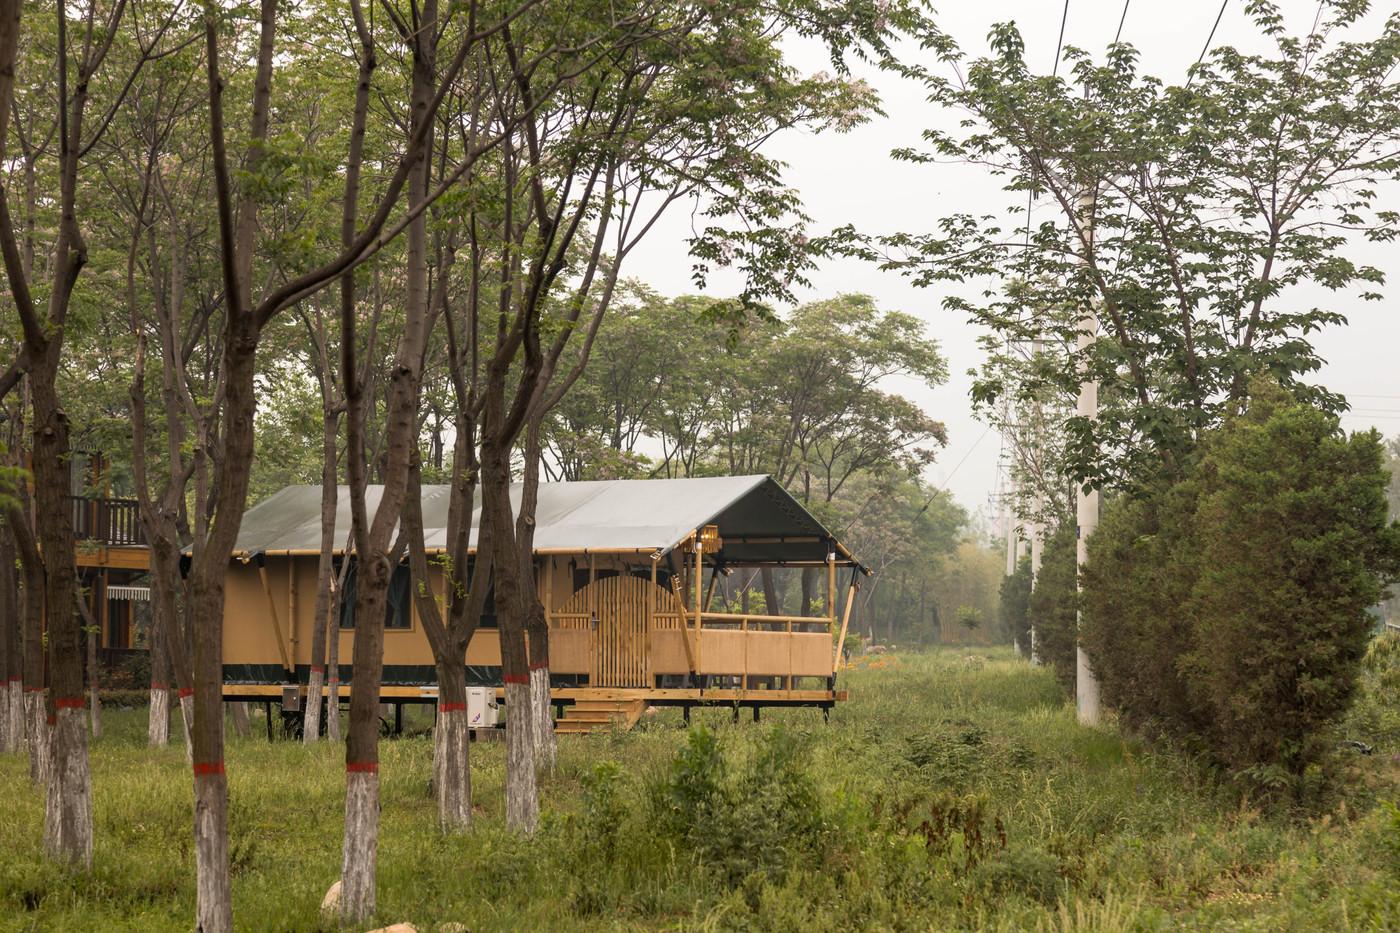 喜马拉雅野奢帐篷酒店—华山自驾游露营地(54平)16